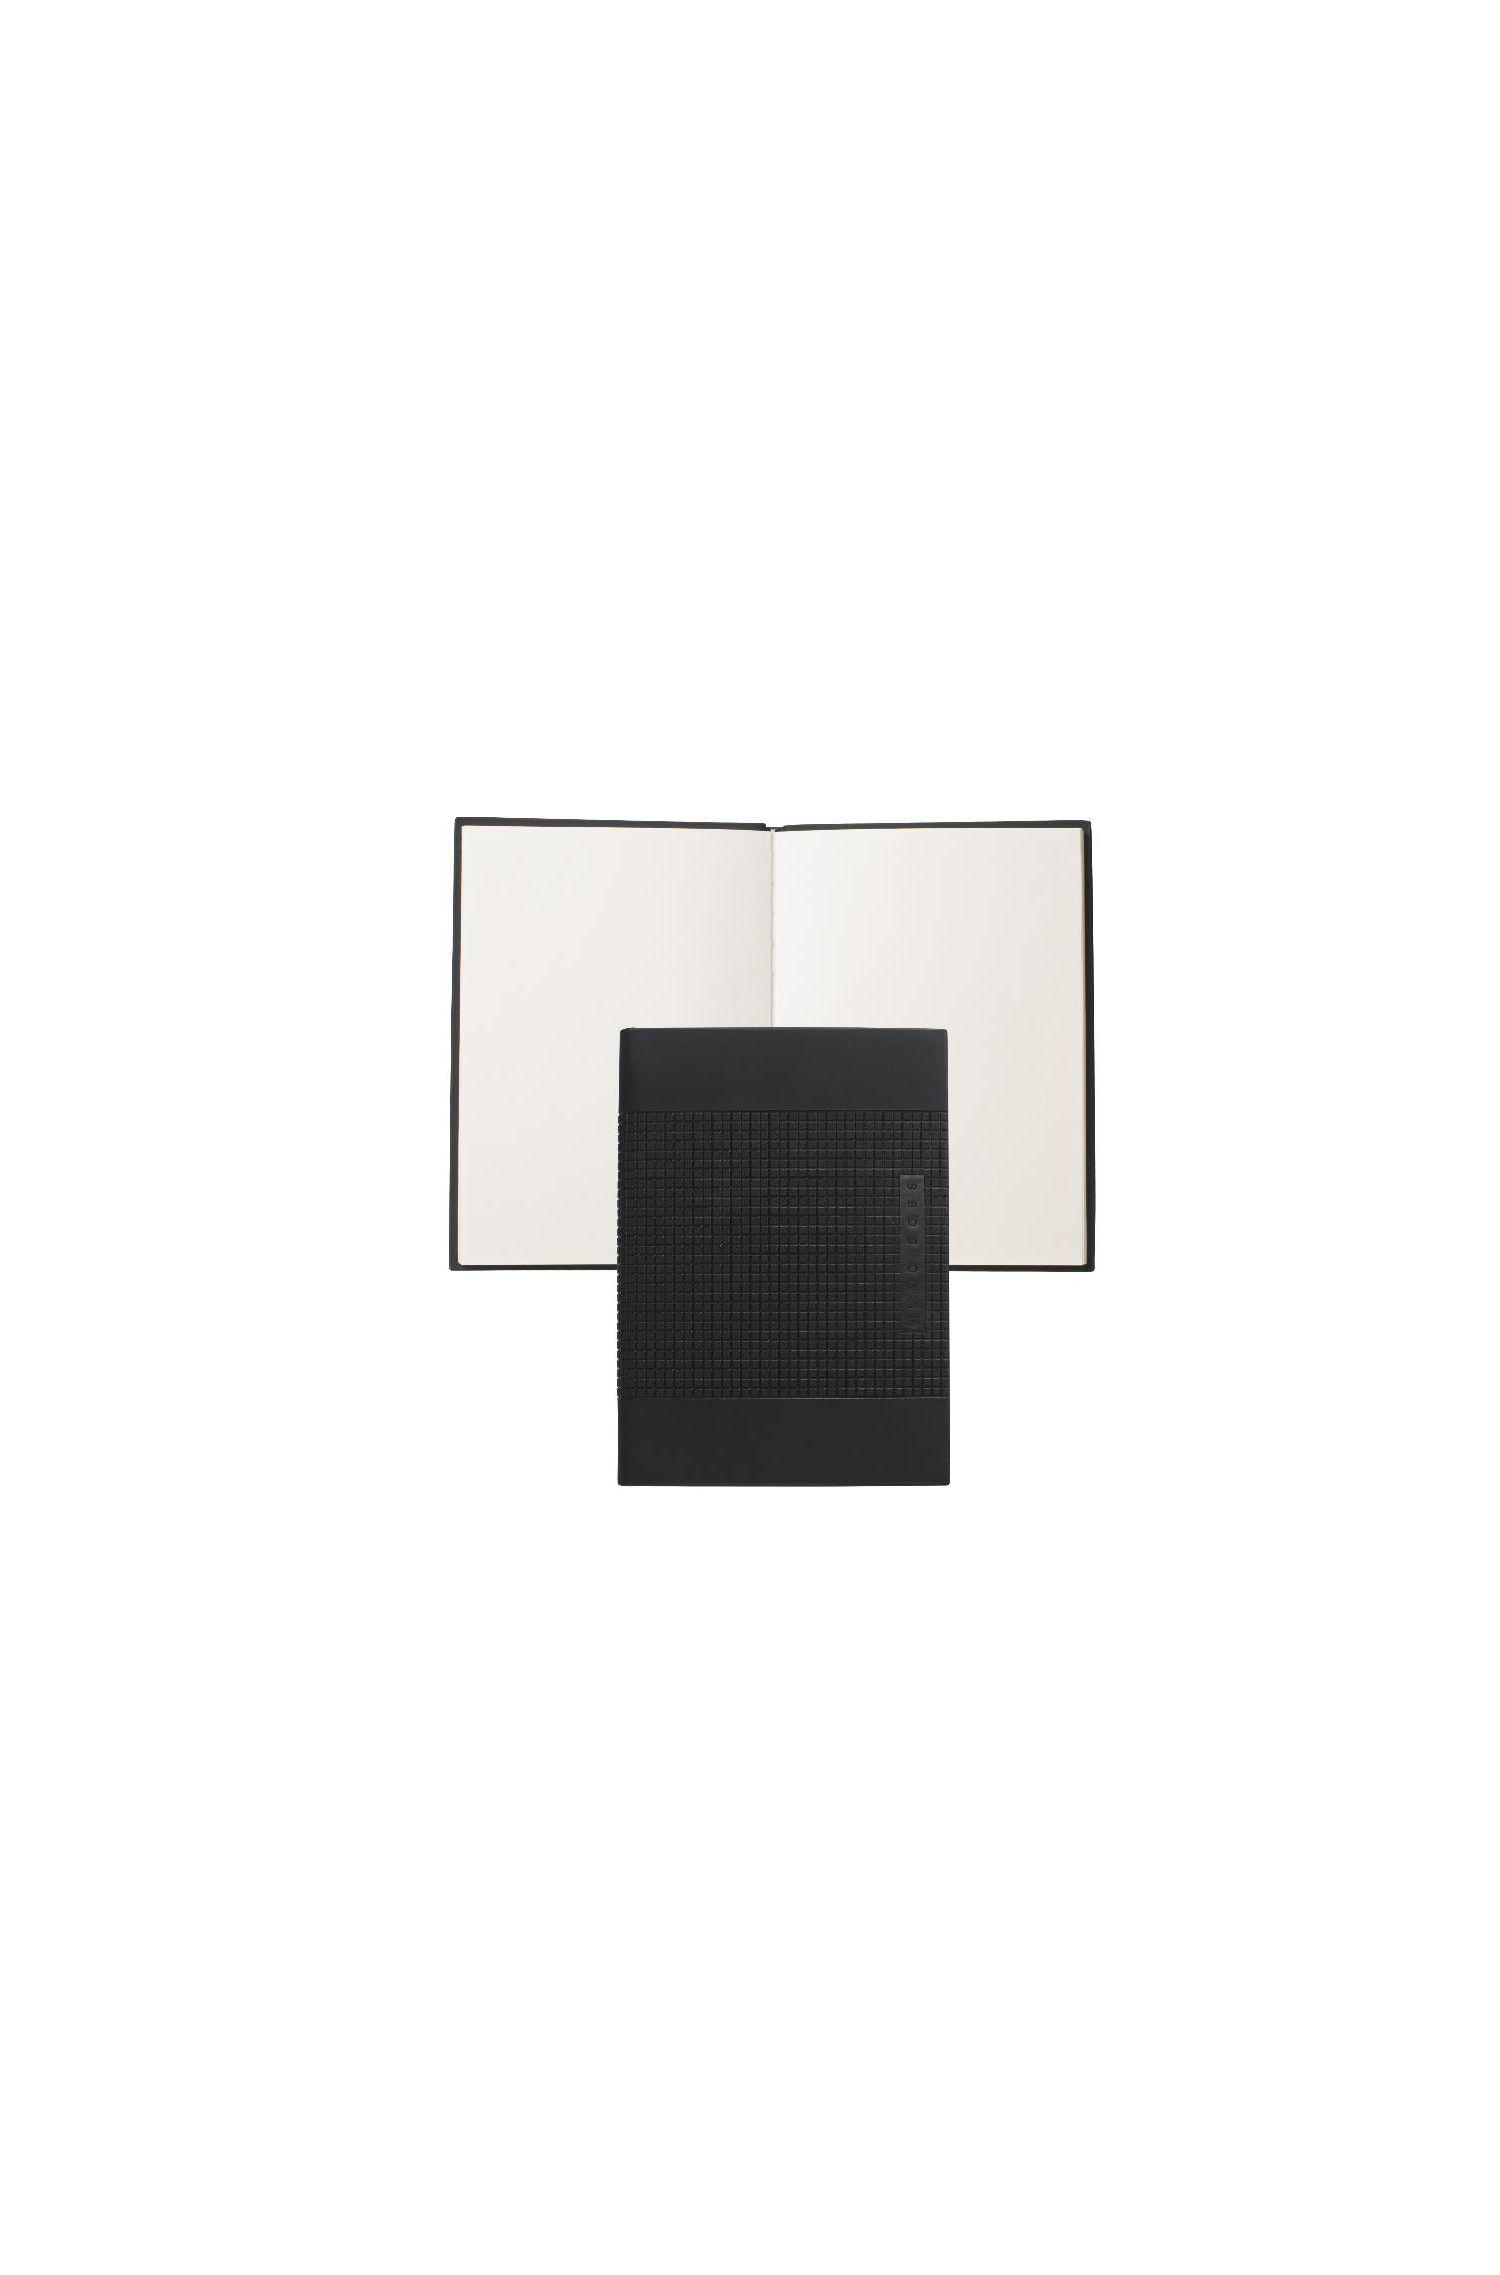 Carnet au format A6 certifié DIN avec couverture structurée: «Grid»